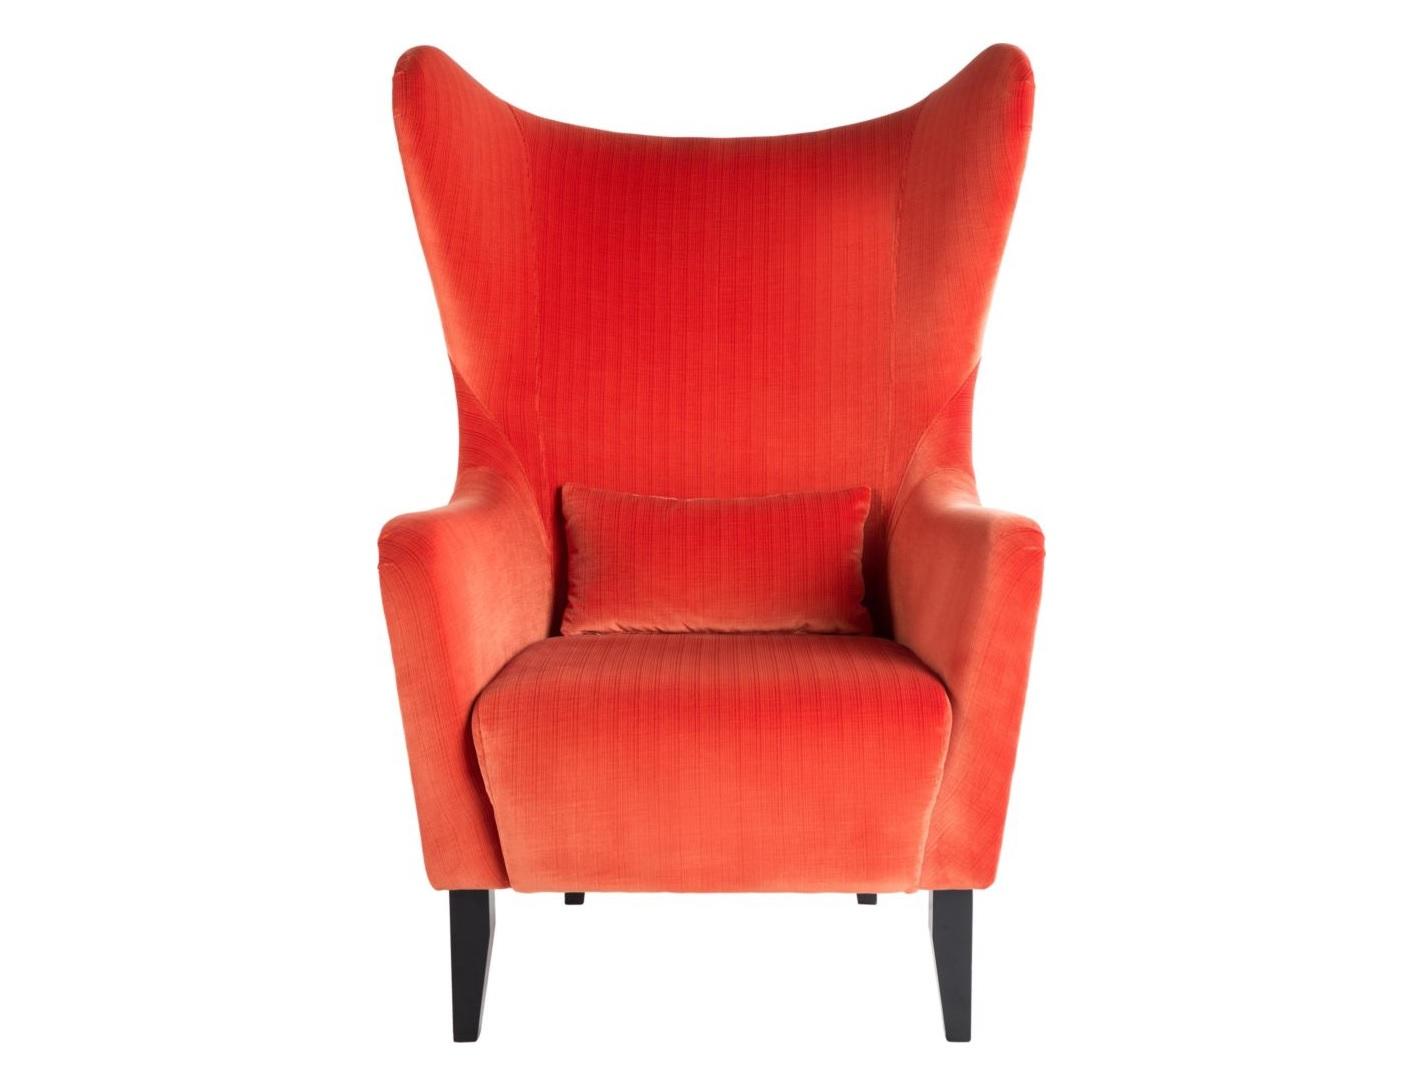 Кресло Grand orangeКресла с высокой спинкой<br><br><br>Material: Текстиль<br>Width см: None<br>Depth см: None<br>Height см: None